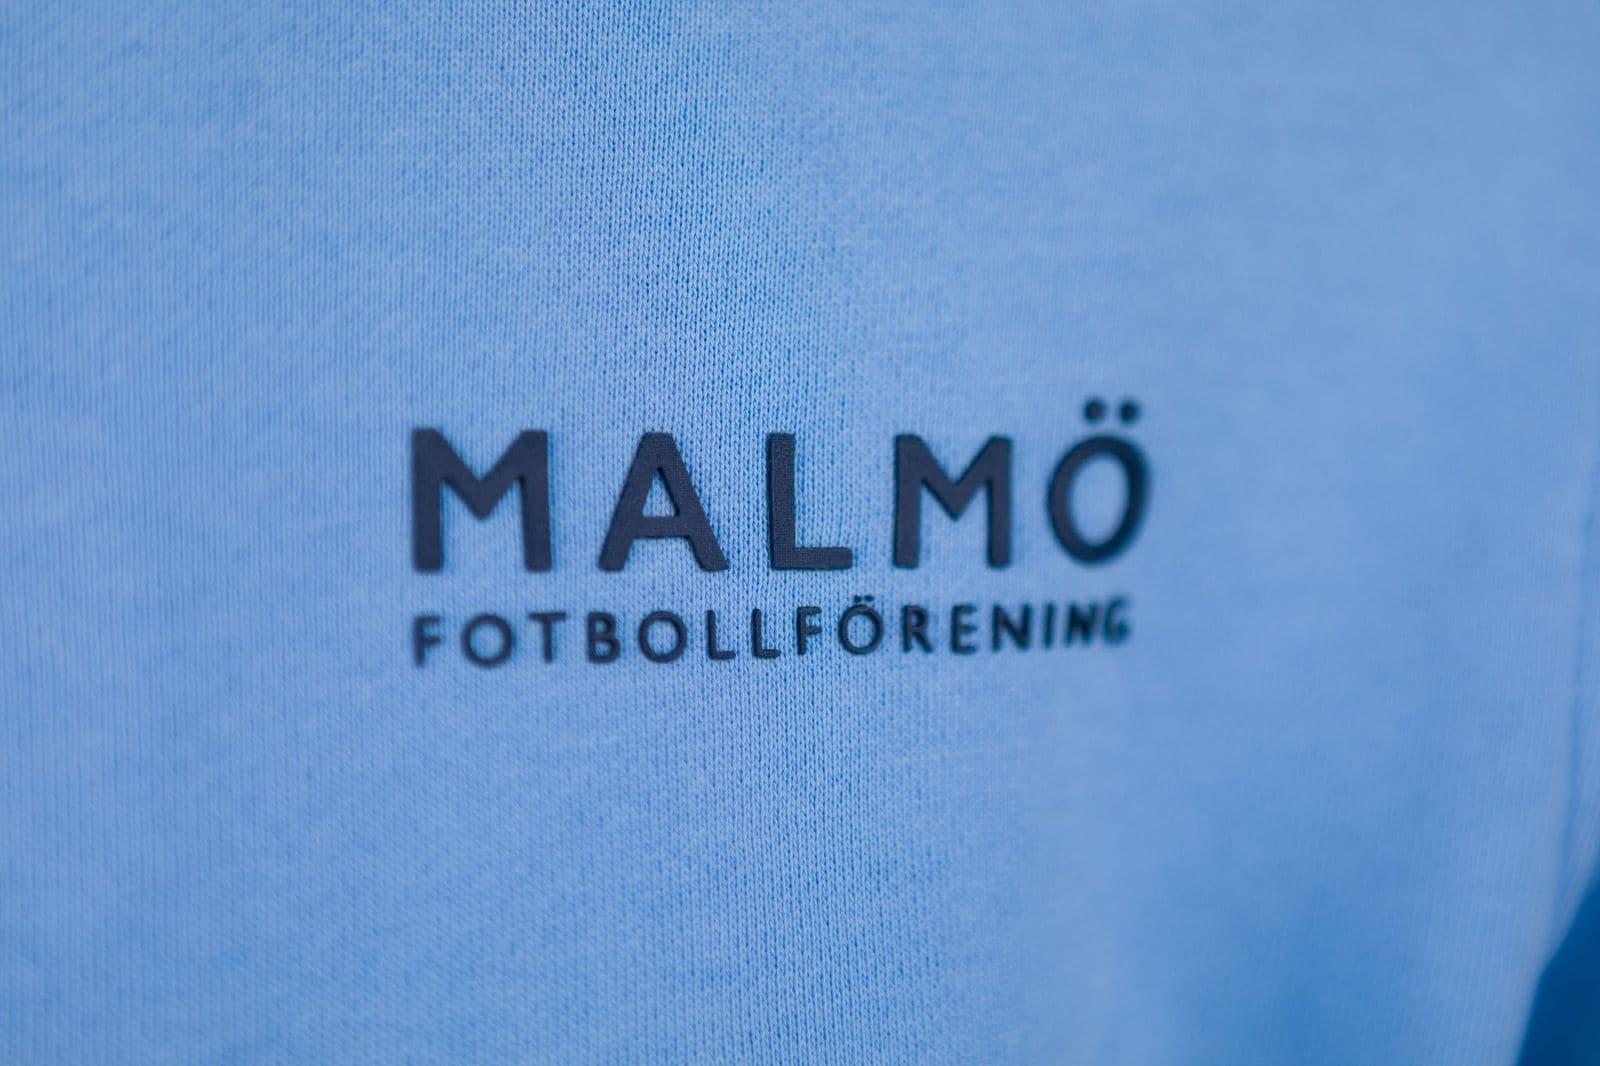 Ziphood barn ljusblå Malmö Fotbollförening